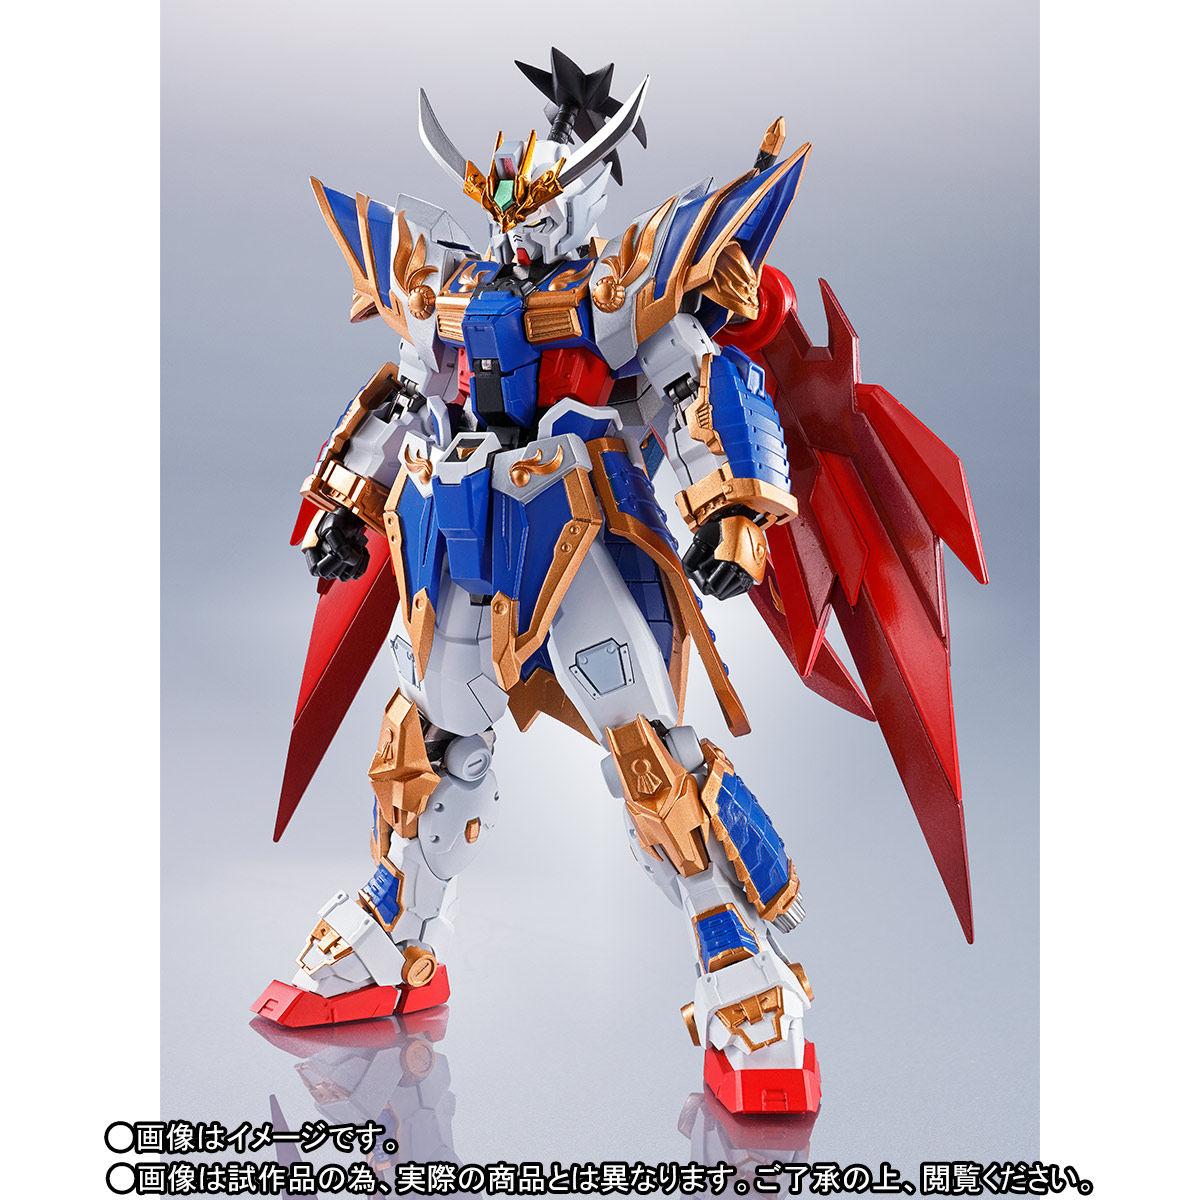 P-Bandai METAL ROBOT Spirits Ryubi Gundam (real type ver.)